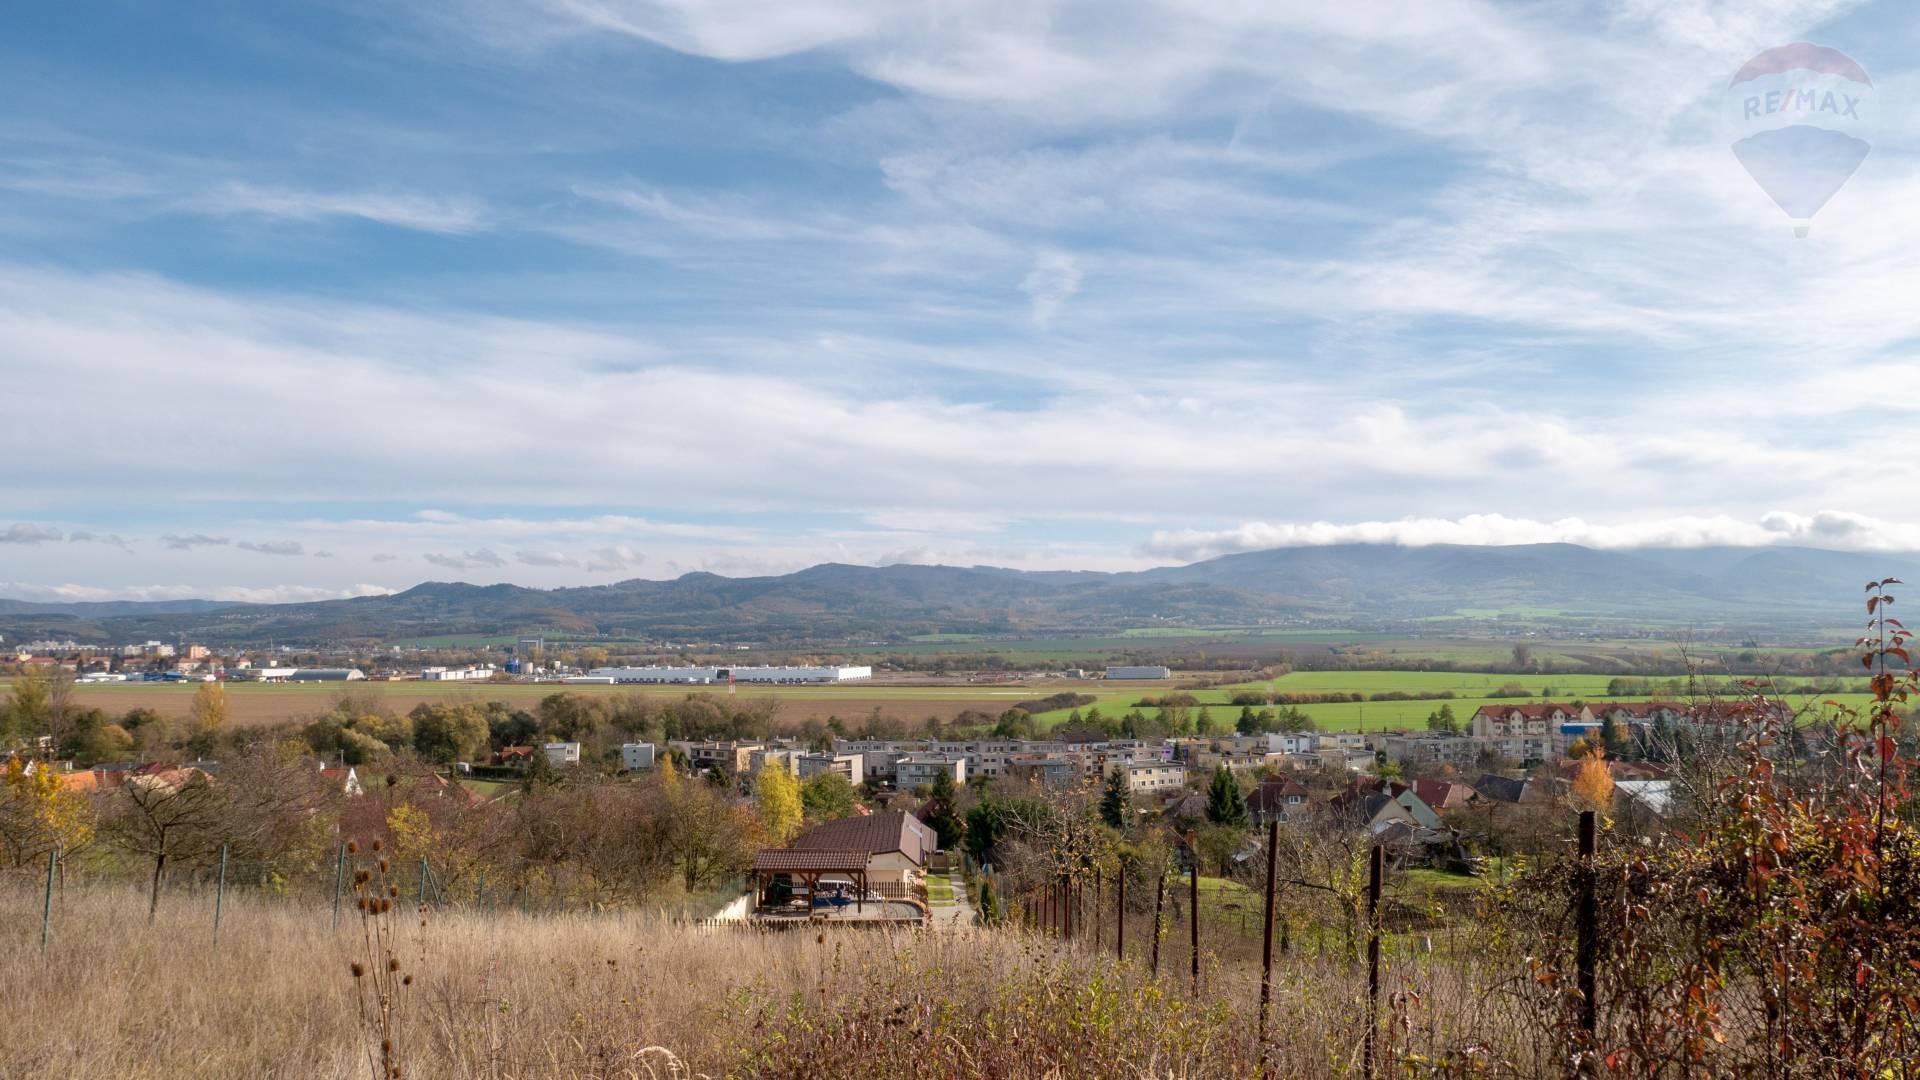 PREDAJ - Pozemok 1600 m2 - Opatovce nad Nitrou - úžasný výhľad